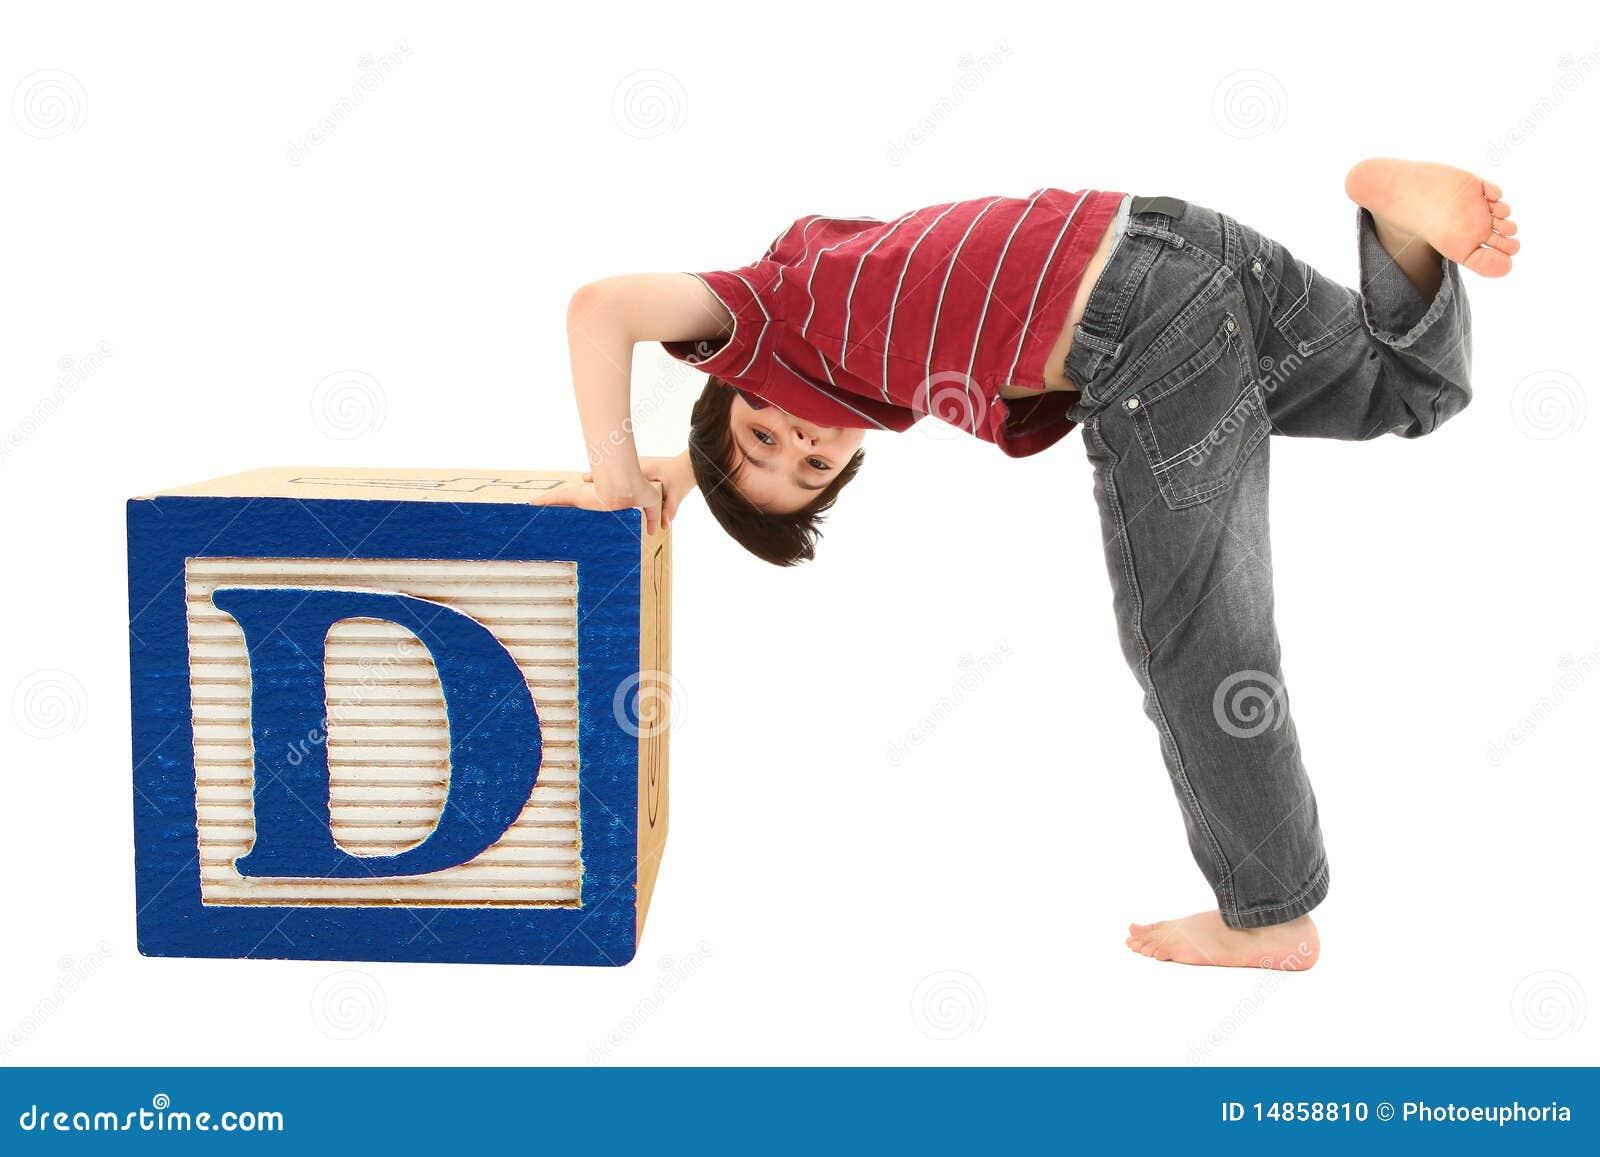 Alphabet Blocks the Letter D